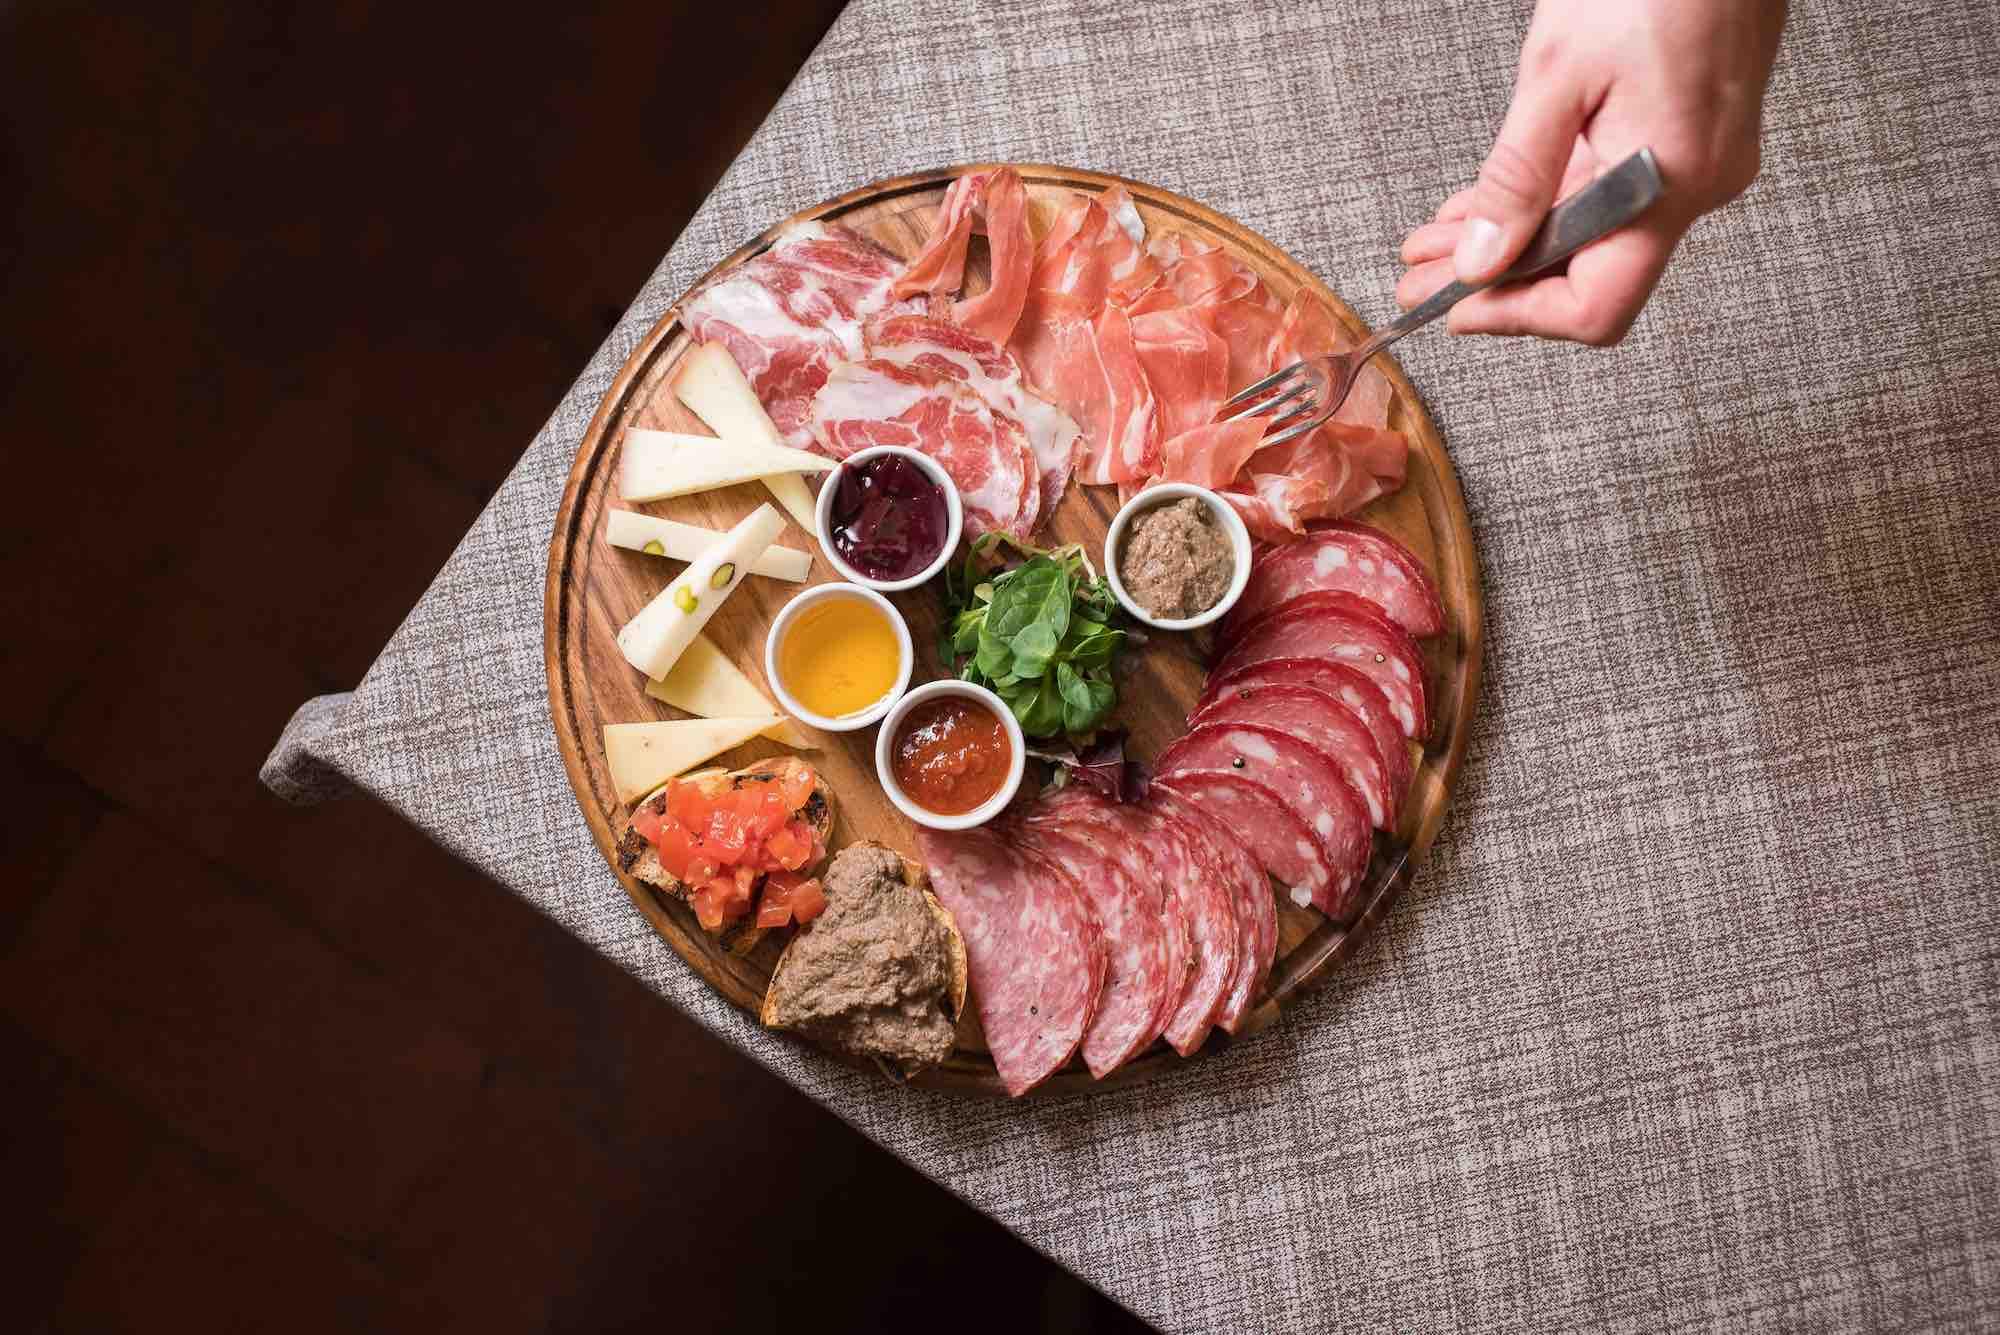 Tagliere di salumi e formaggi alla Bisteccheria Santa Croce, ristorante a Firenze